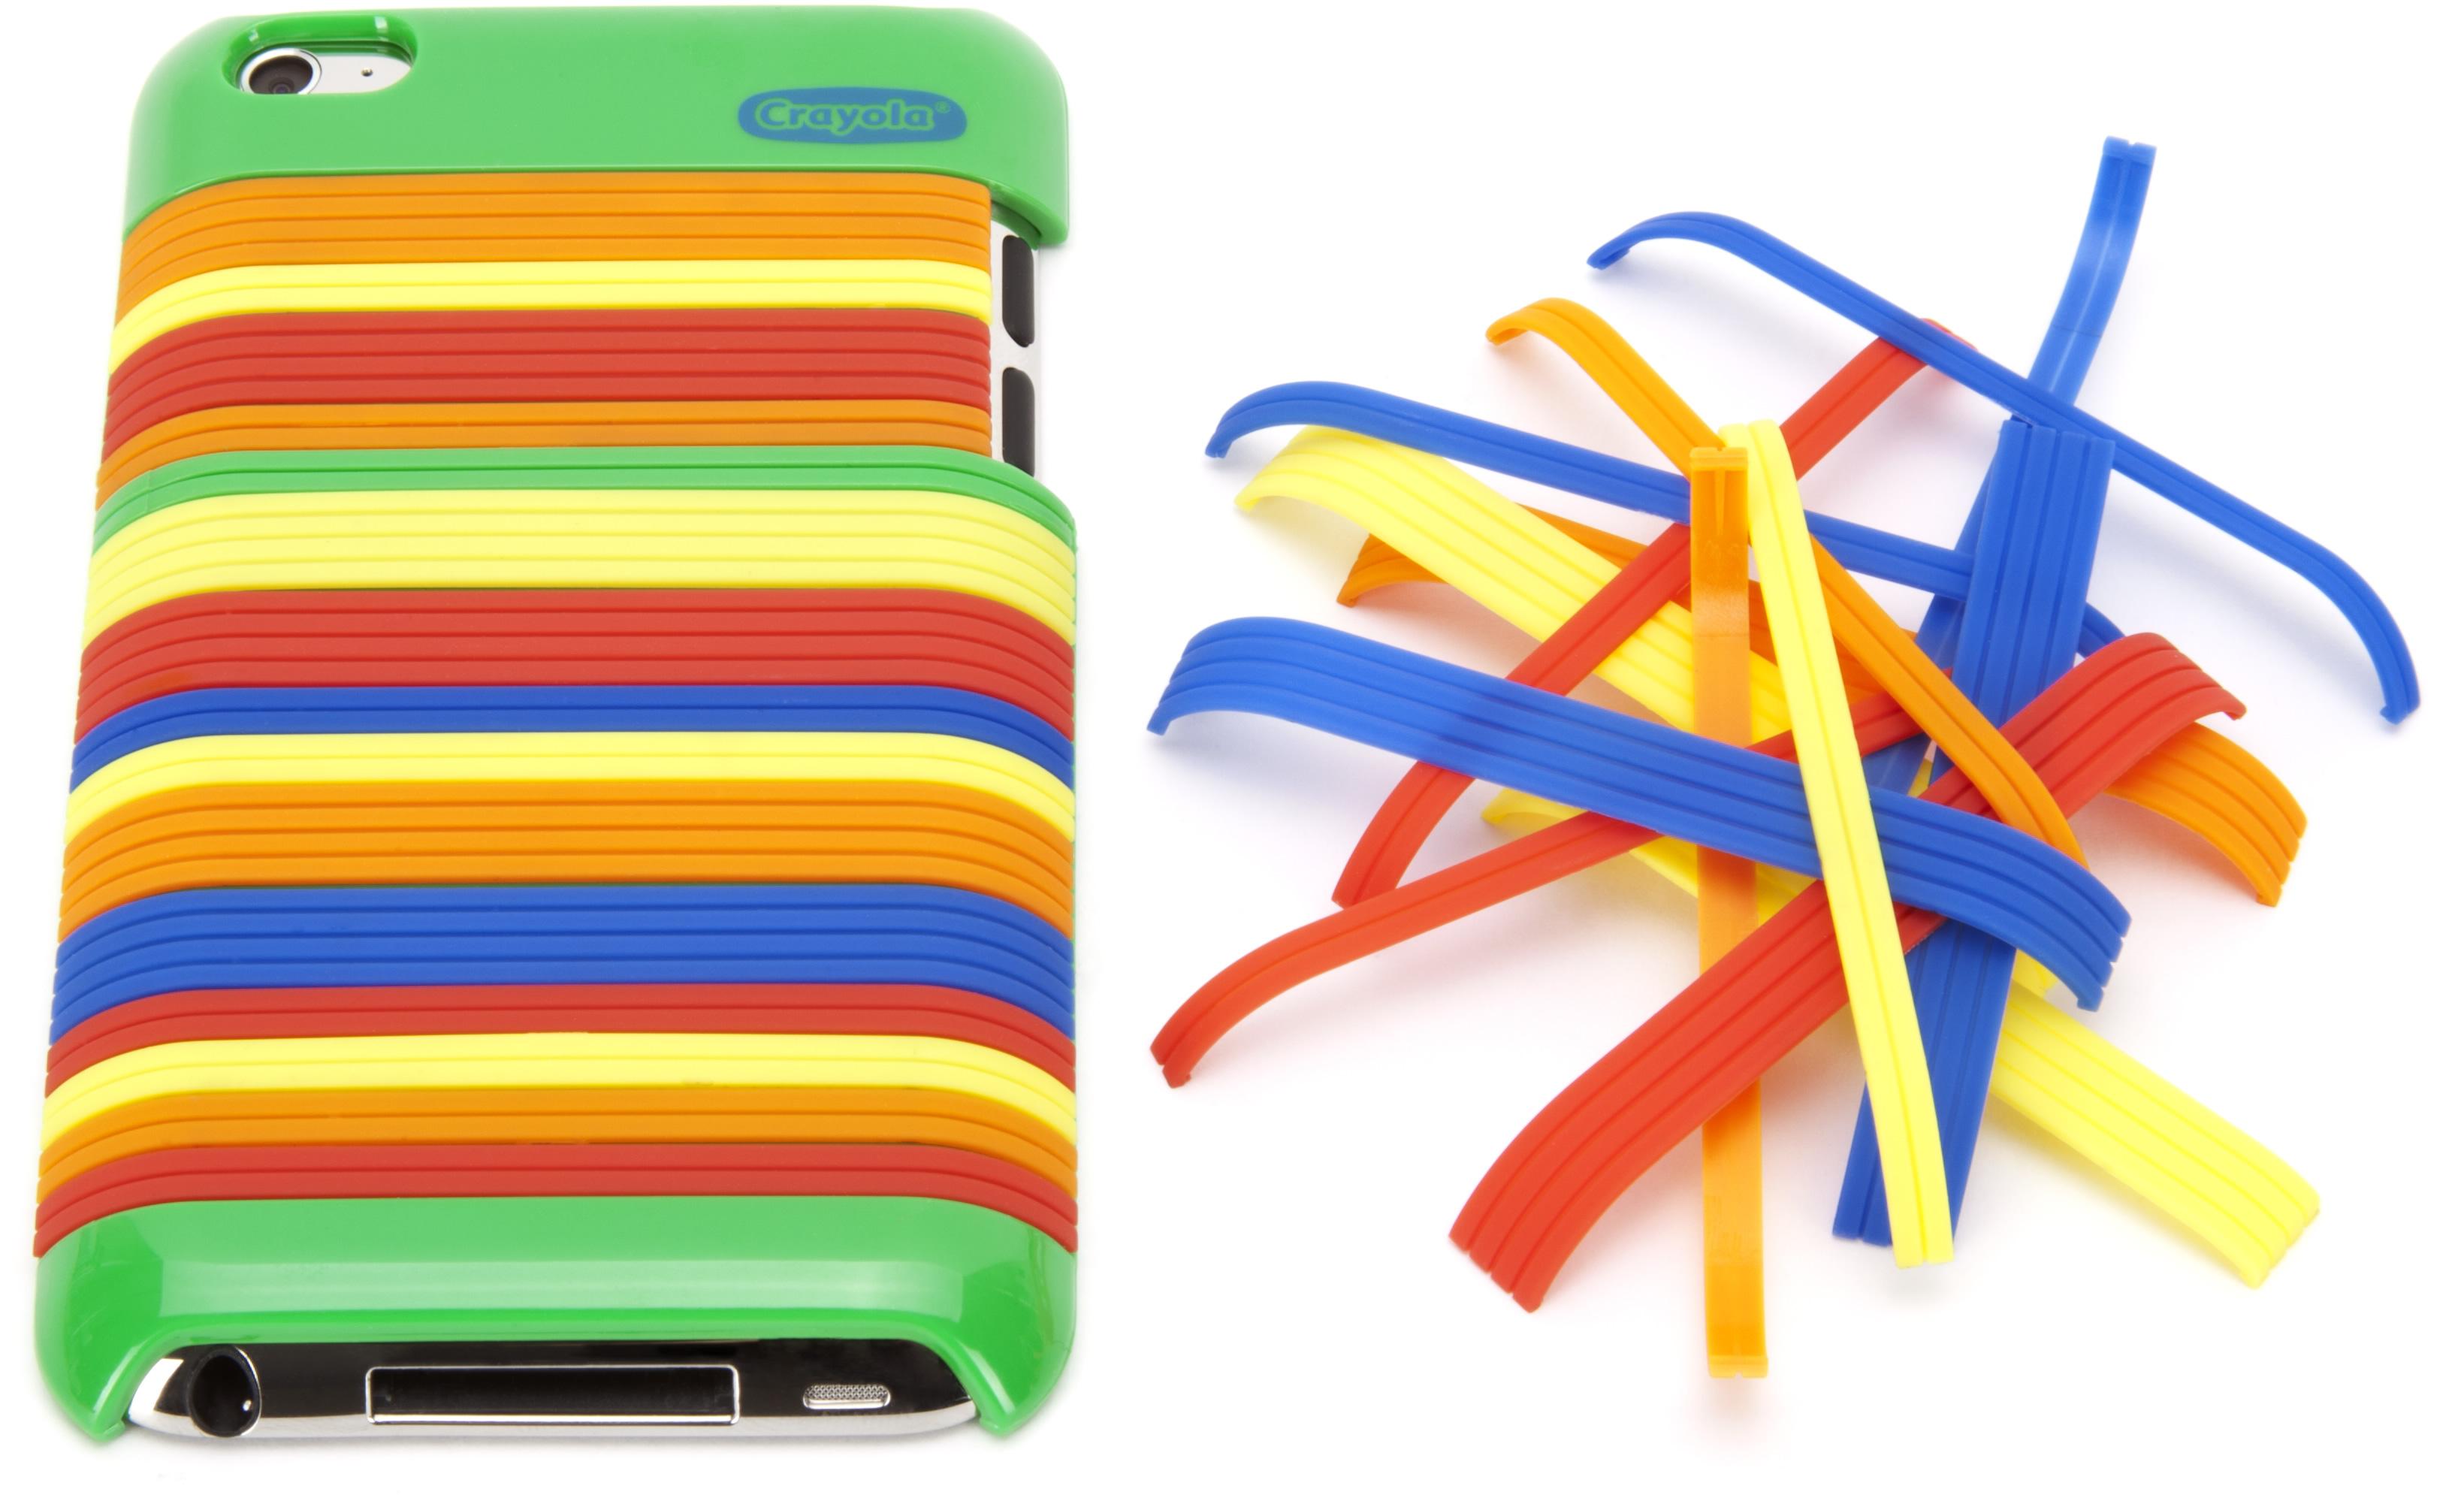 2c0809a23c0 Fundas de Crayola y Griffin para tu iPod touch | iPodTotal